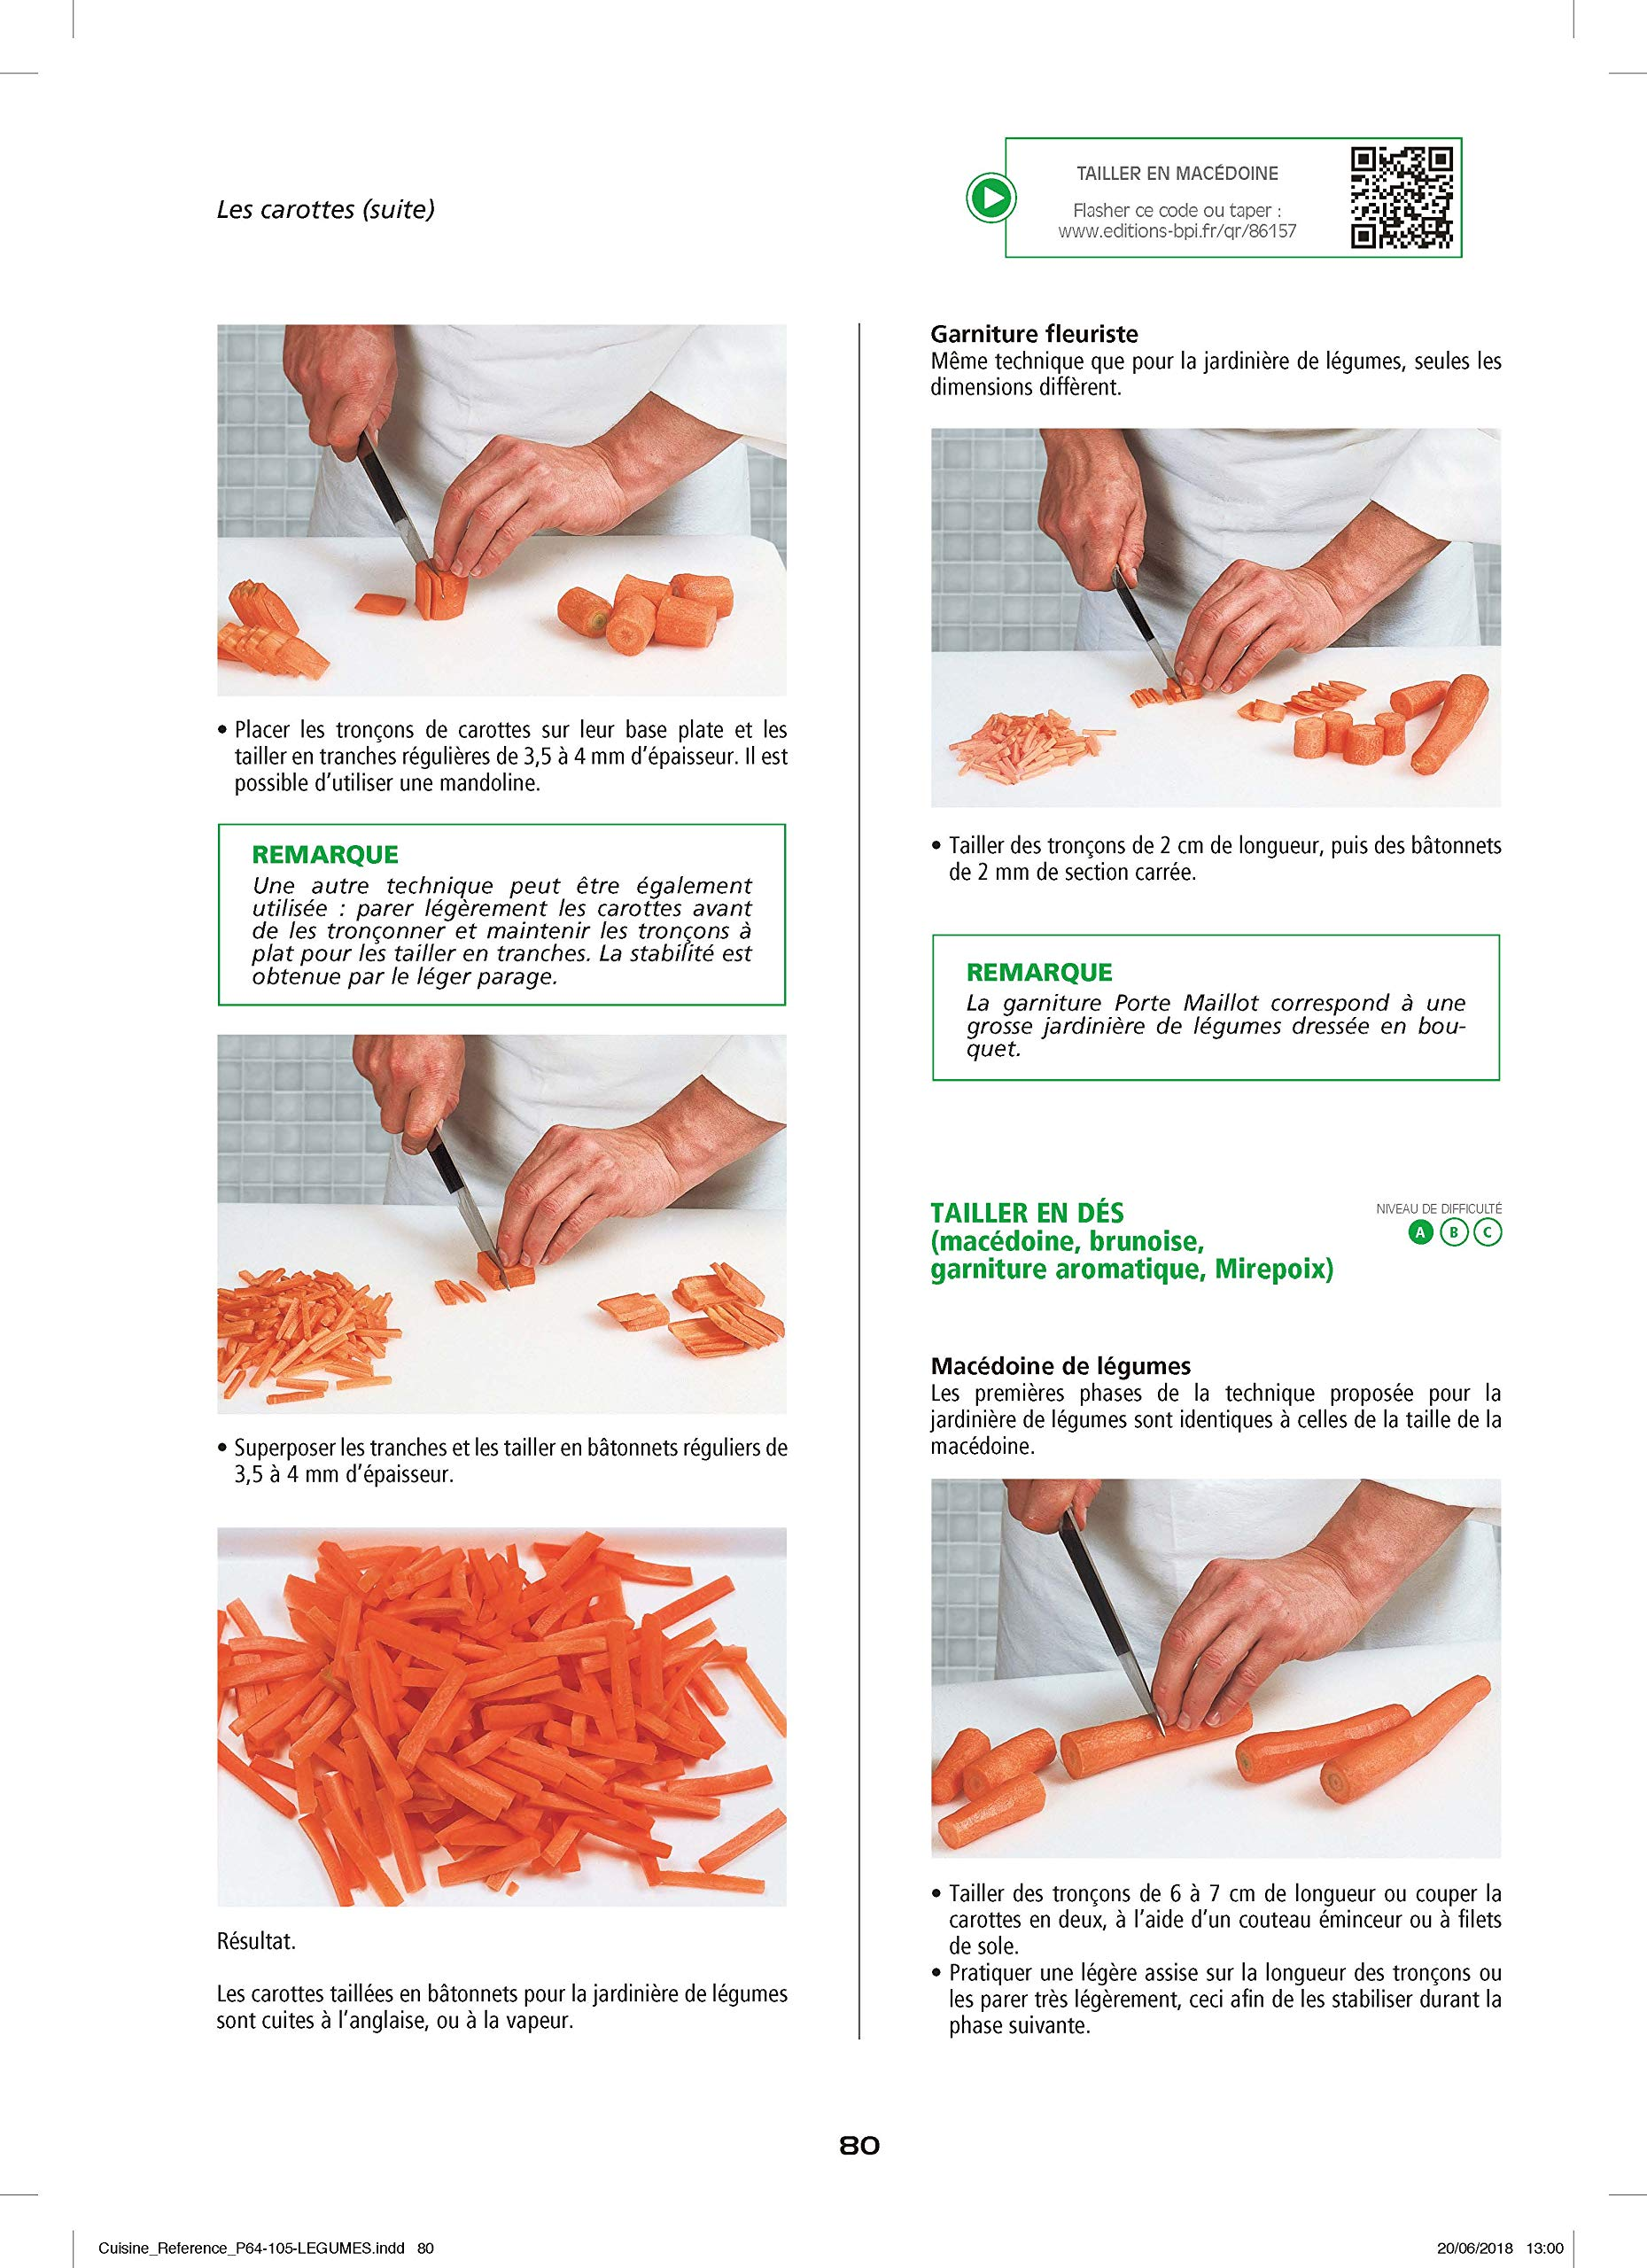 La Cuisine De Reference Techniques Et Preparations De Base